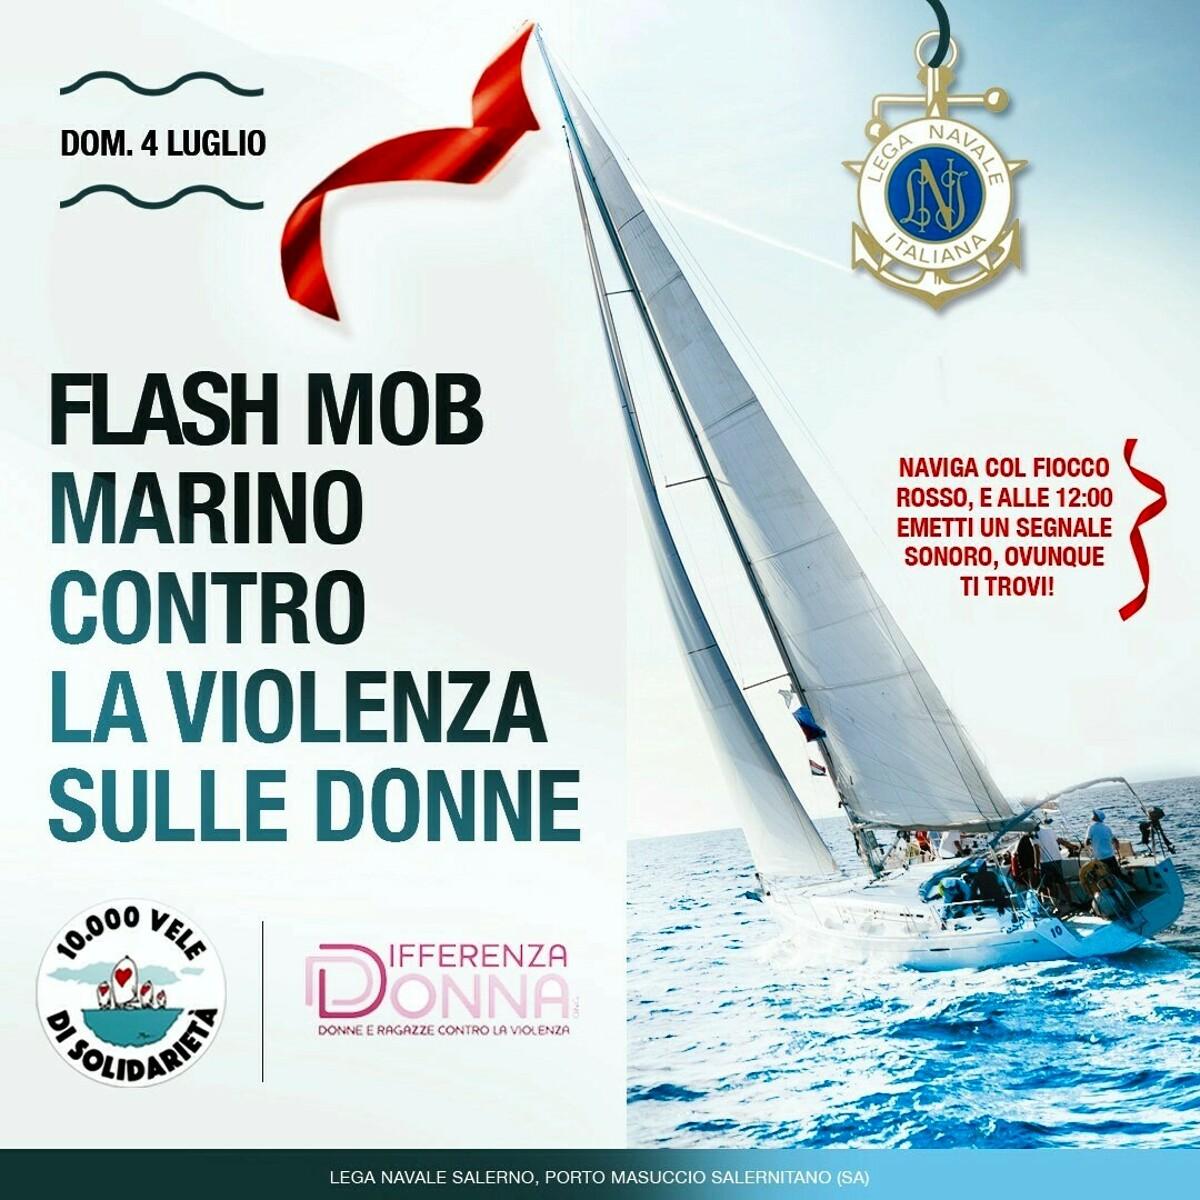 E' tutto pronto per il flash mob marino contro la violenza di genere